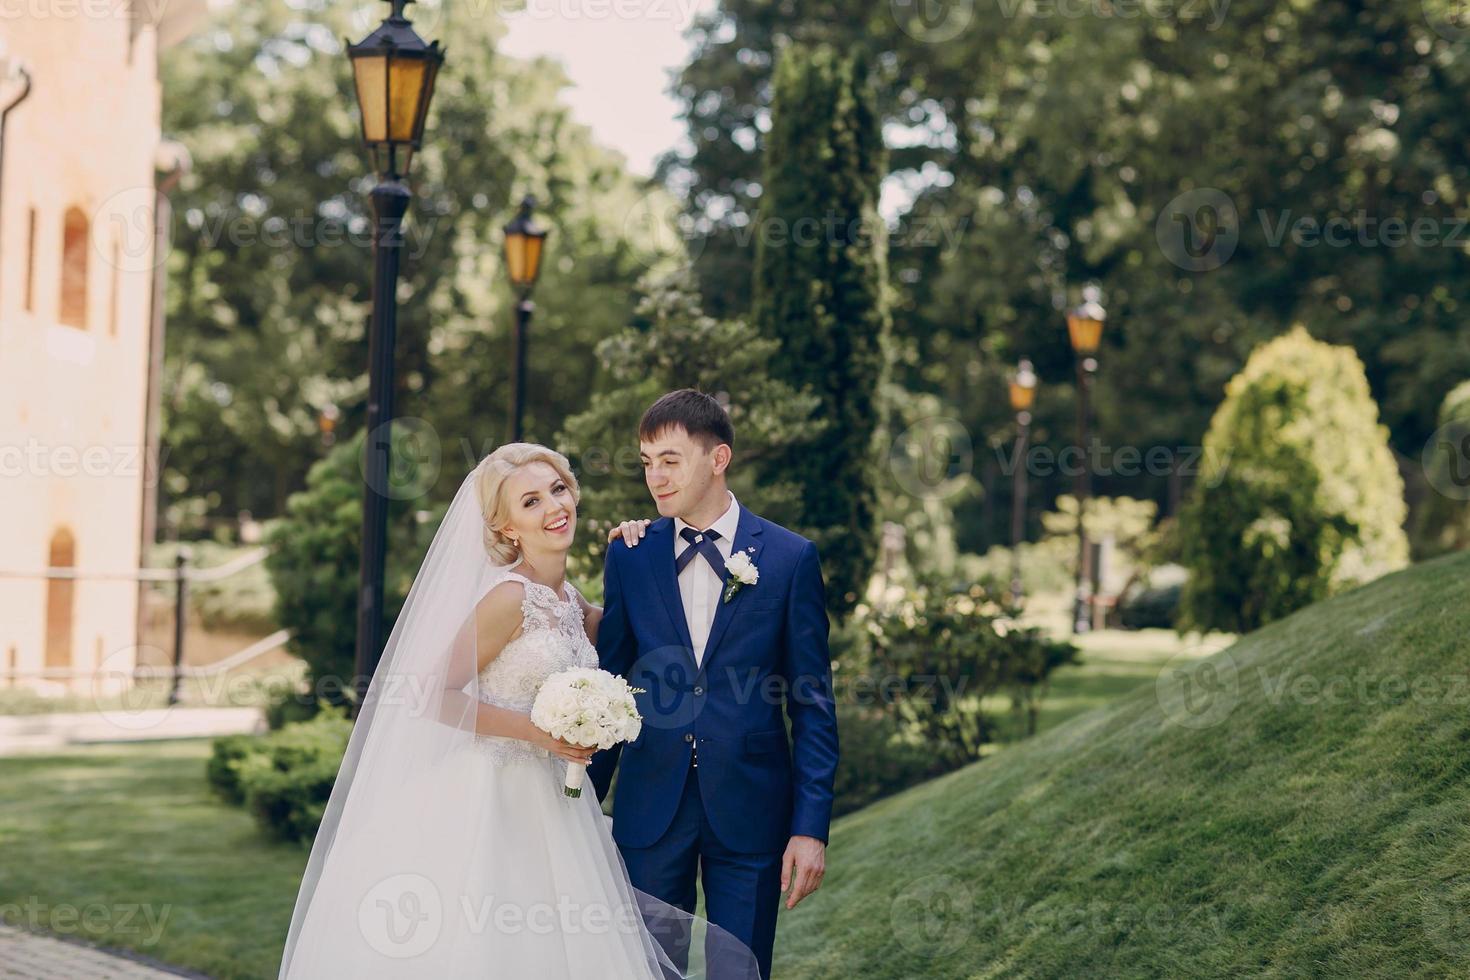 wedding sunshine day photo